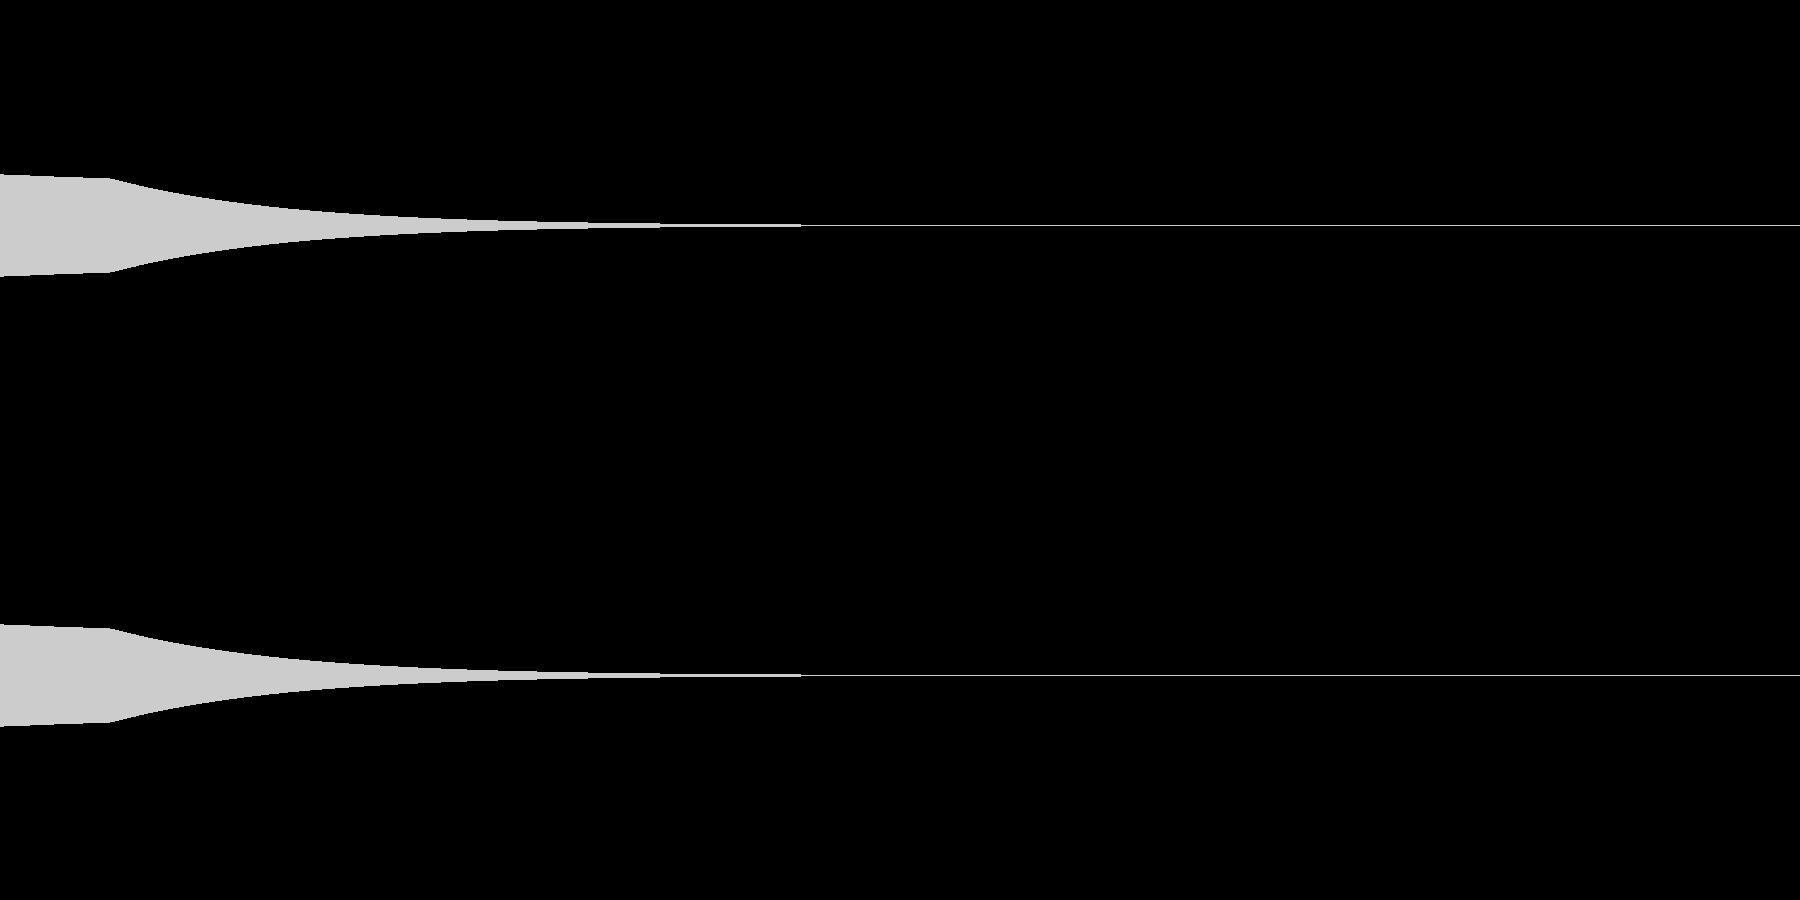 ピンポンピンポン(入店音)の未再生の波形